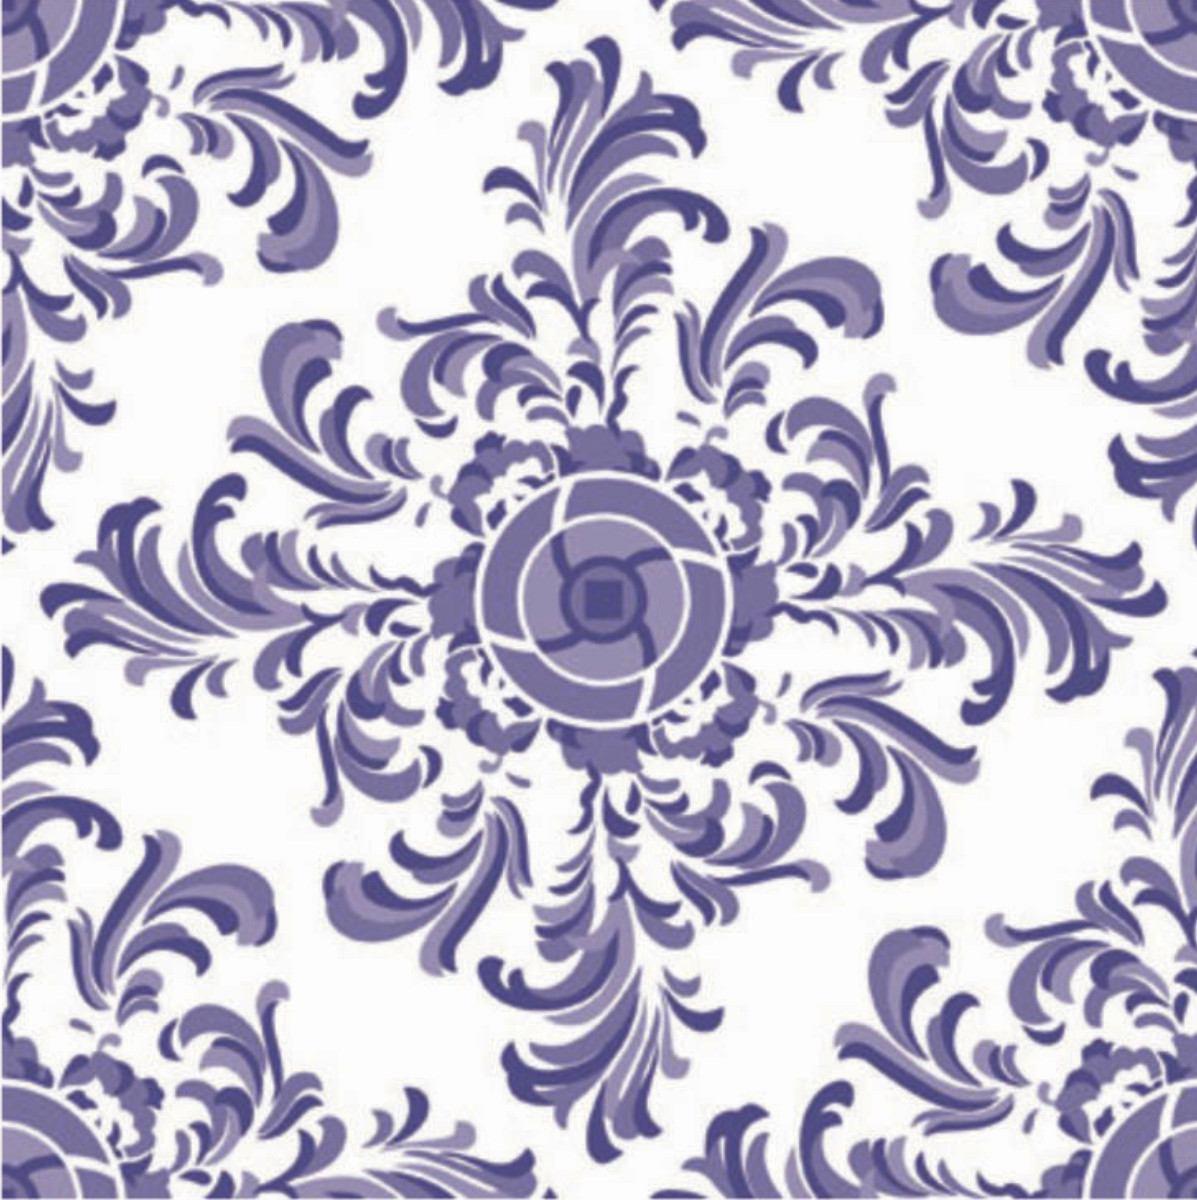 El Armario Nequi ~ Ladrilho Adesivo De Parede Textura Azulejo Portugues 10cm R$ 1,58 em Mercado Livre